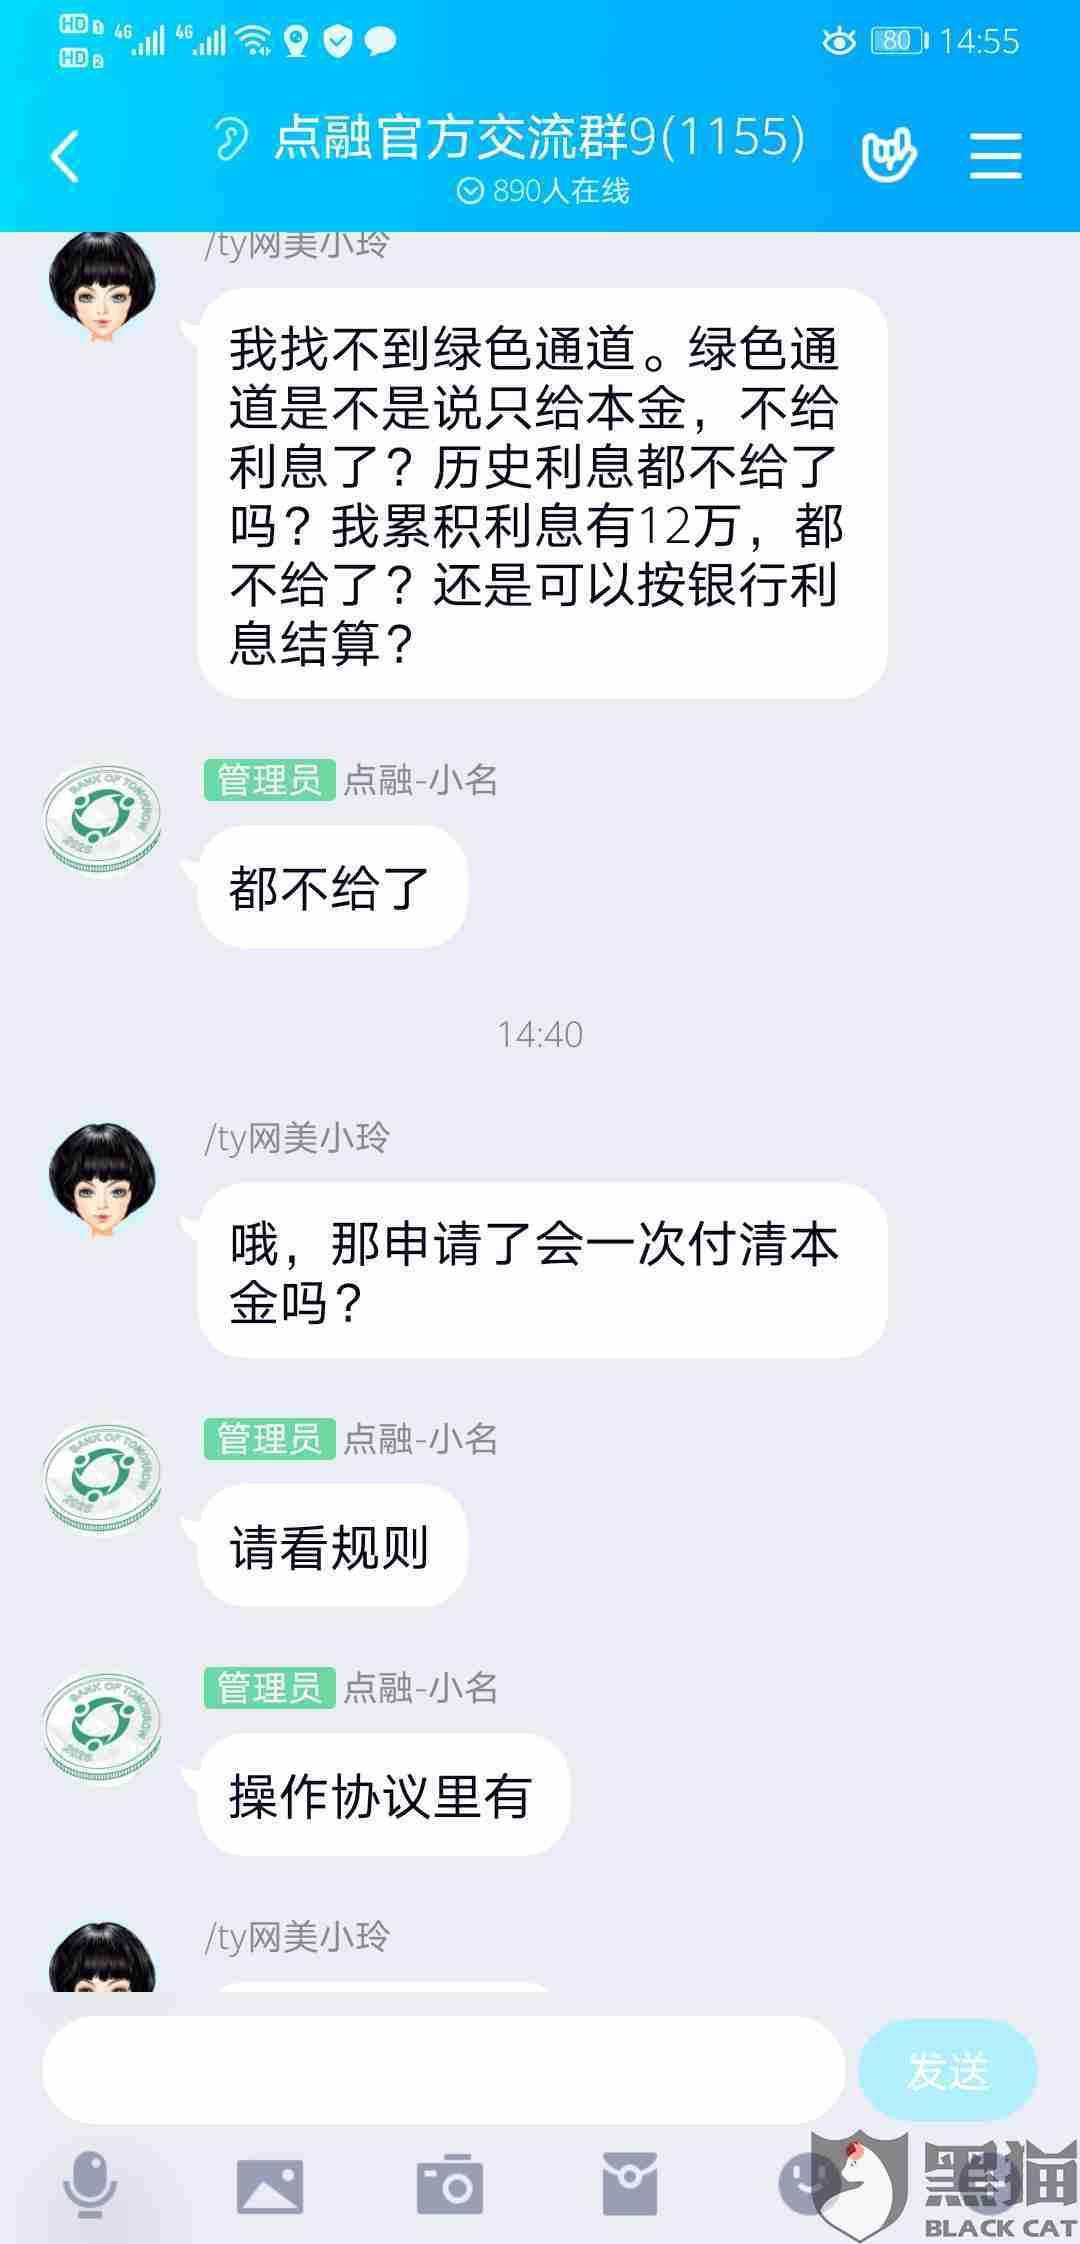 黑猫投诉:上海点融网p2p平台欺诈